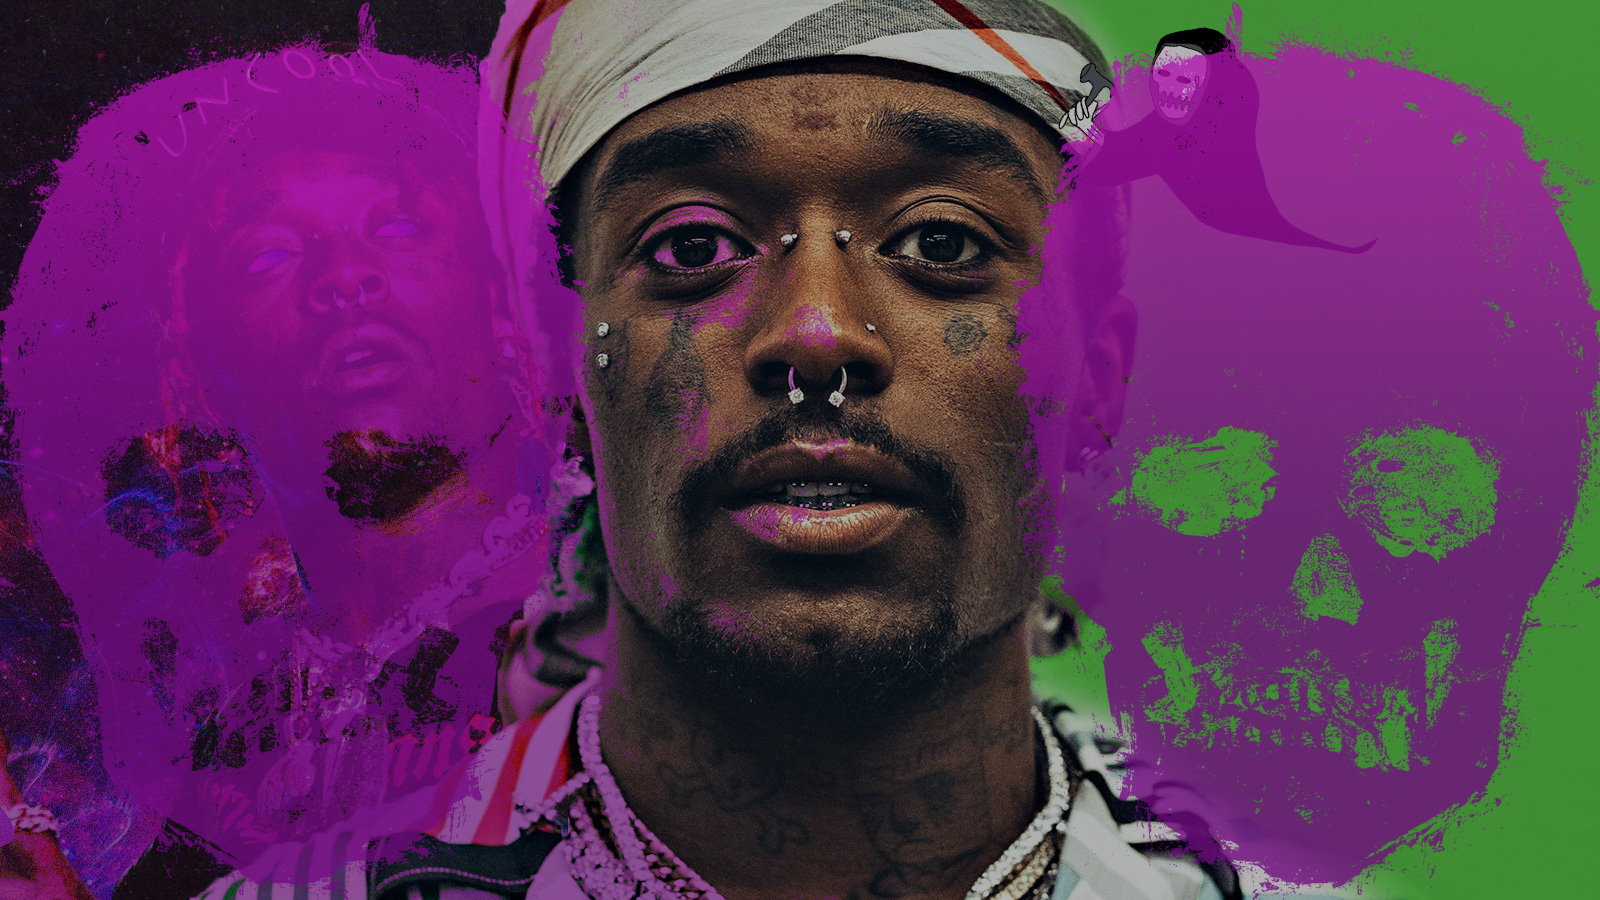 Génération burn-out : les stars du rap US sont-elles surmenées ?